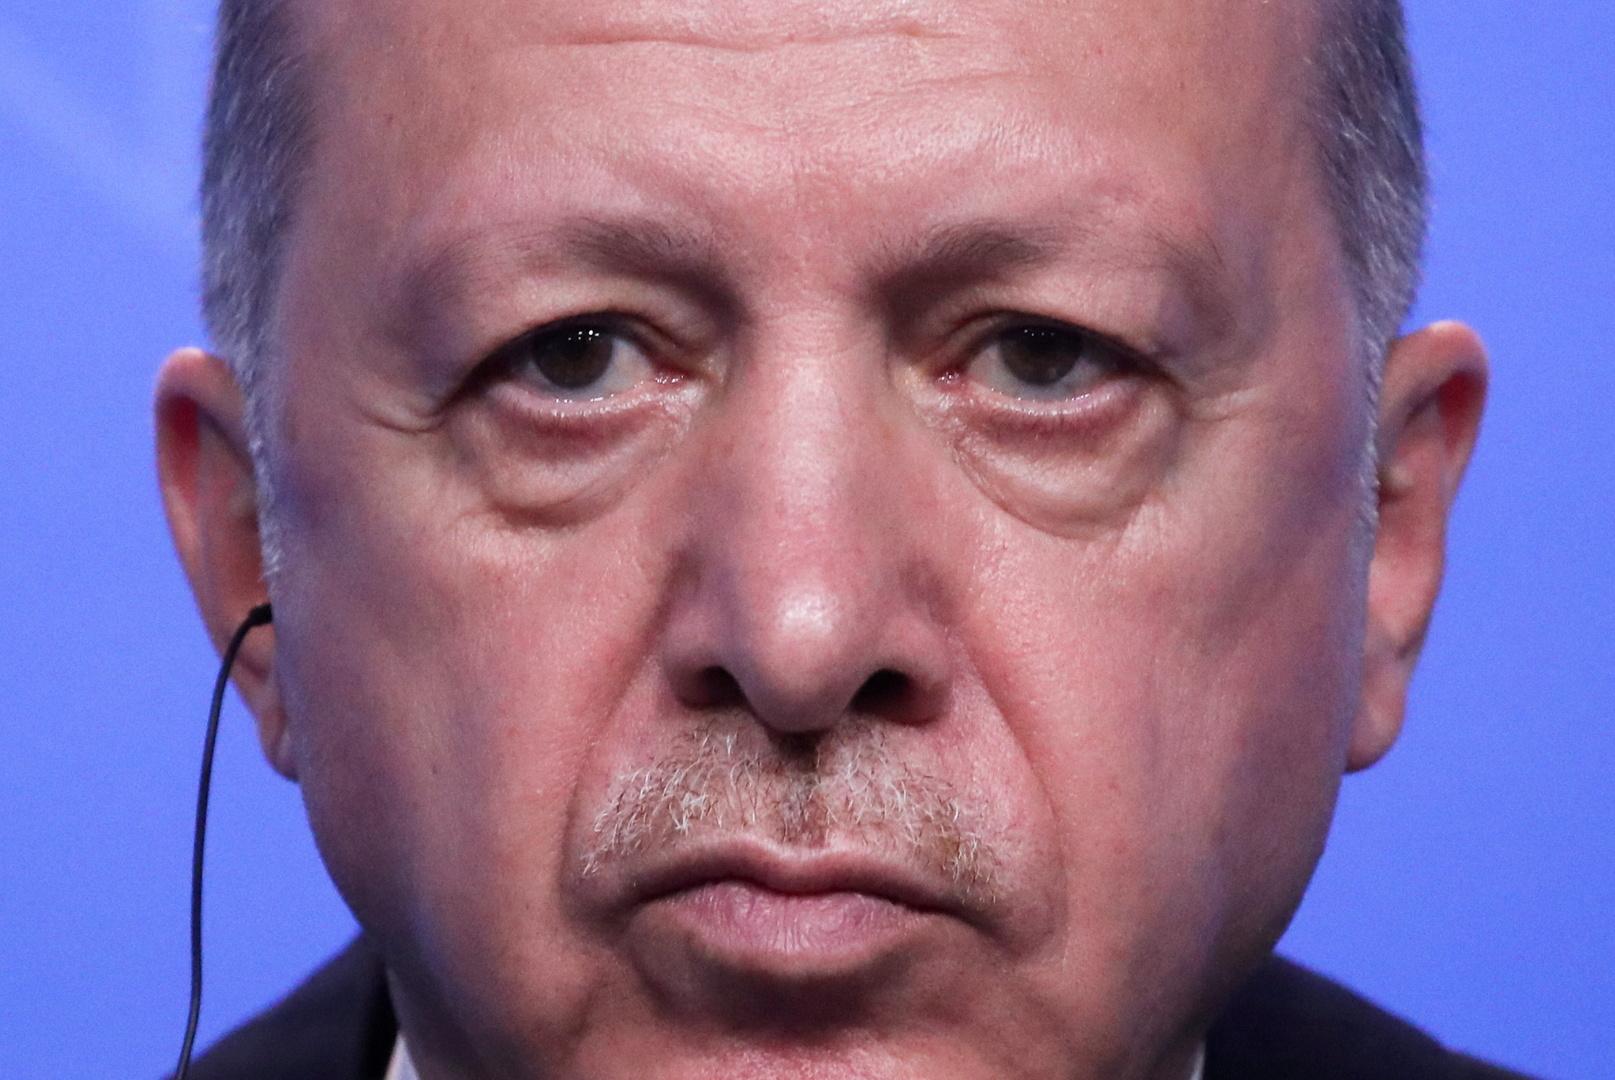 أردوغان: عودة اللاجئين السوريين إلى ديارهم ستكون طوعية وبشكل آمن